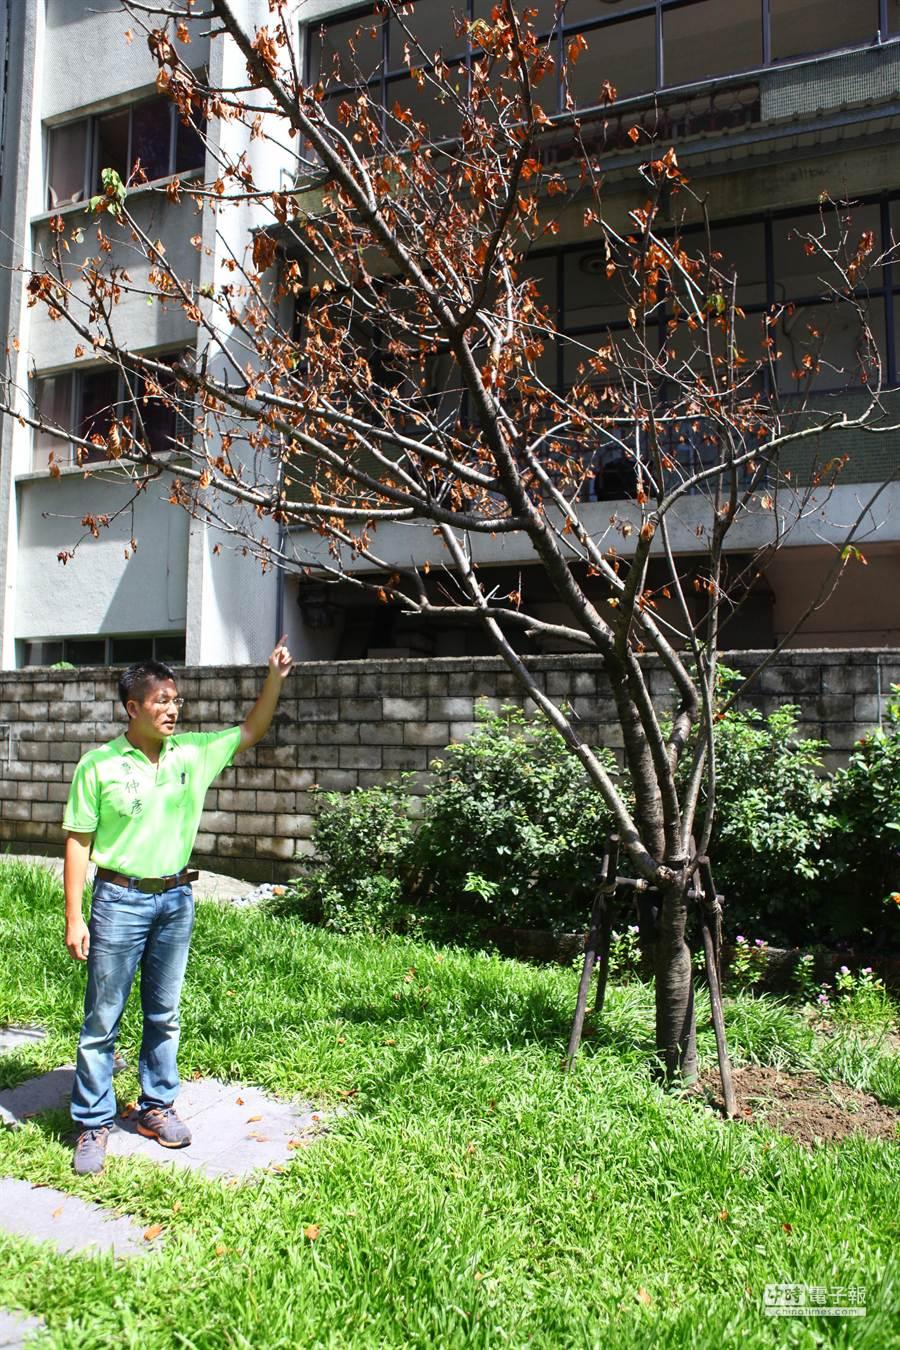 牯嶺公園先前進行美化工程,北市議員童仲彥發現委外廠商沒有園藝專業,許多櫻花樹移植後都已枯萎。(張立勳攝)